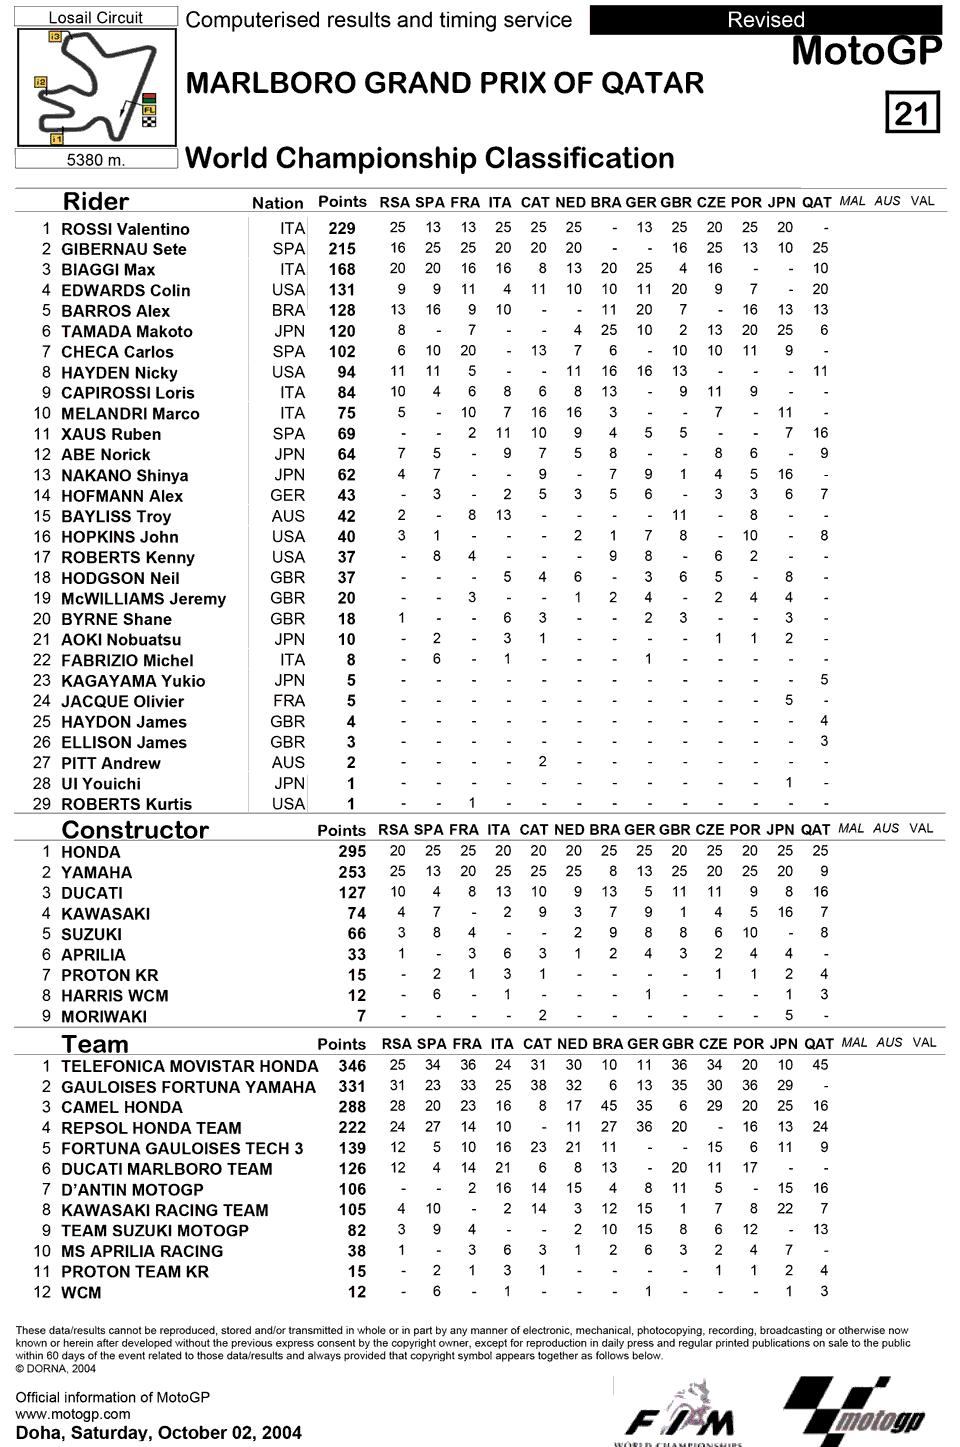 Позиции в чемпионате после тринадцатой гонки MotoGP Гран-При Катара 2004